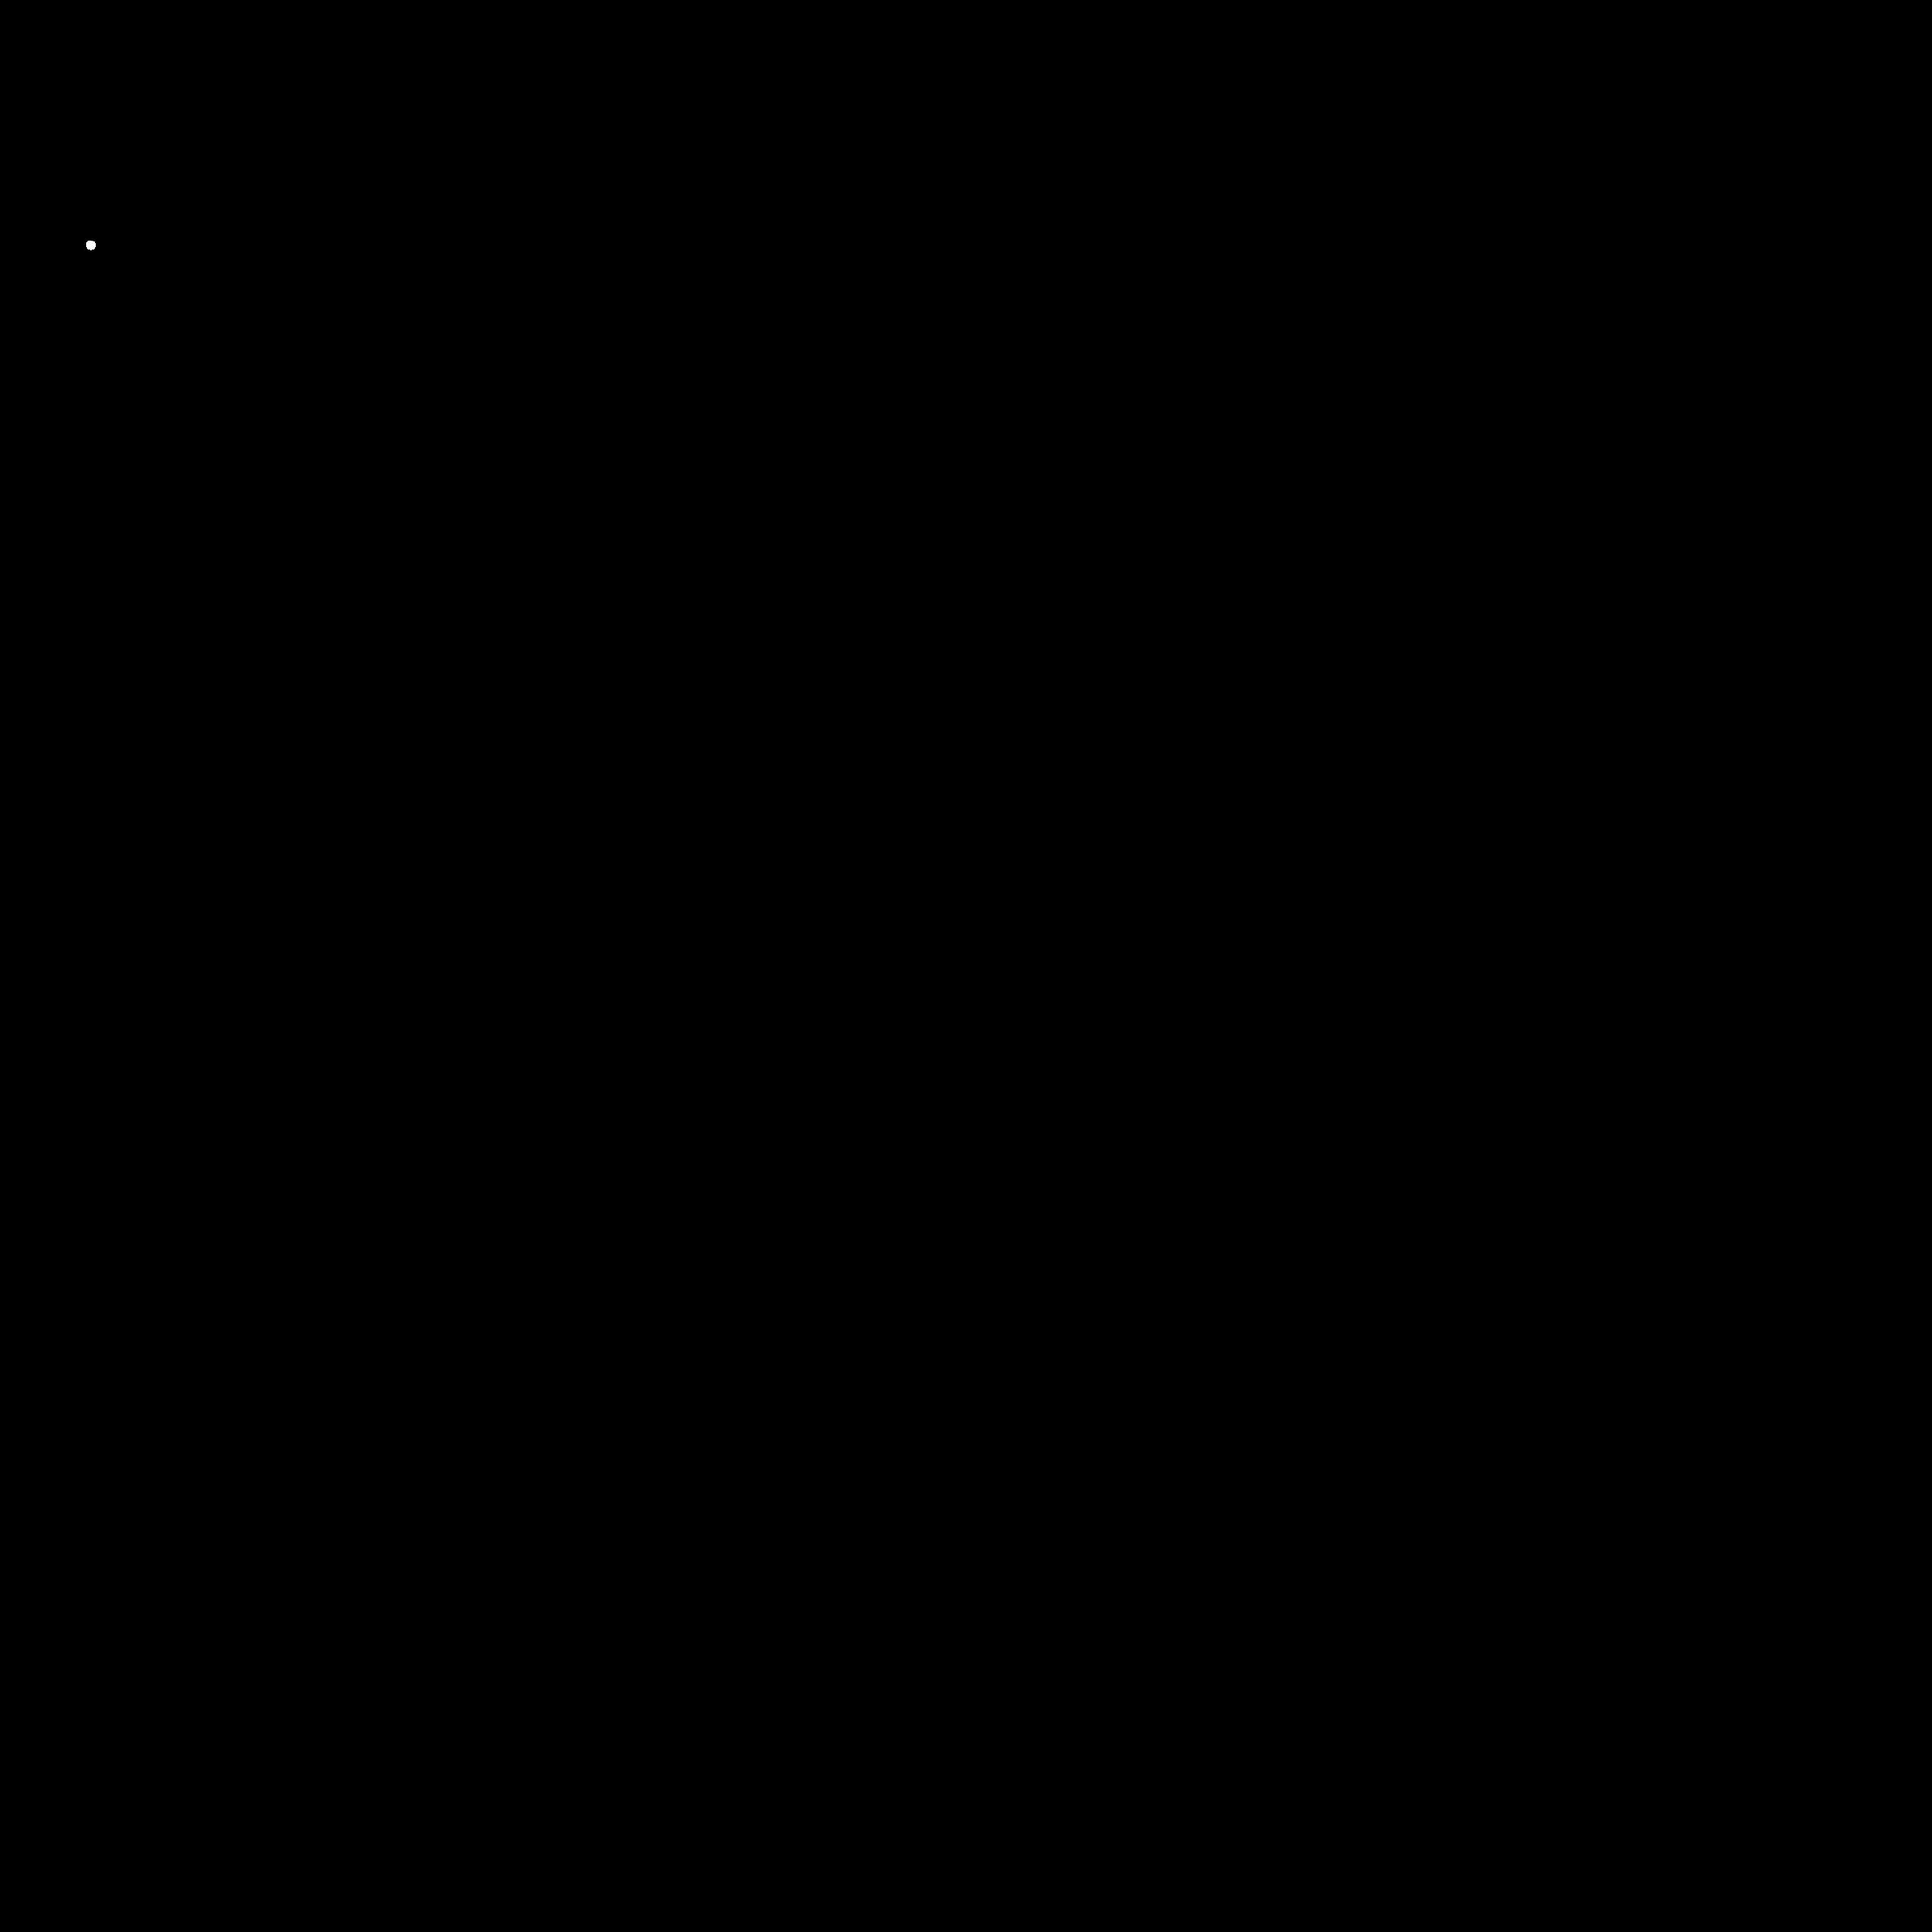 Clipart Music Frame